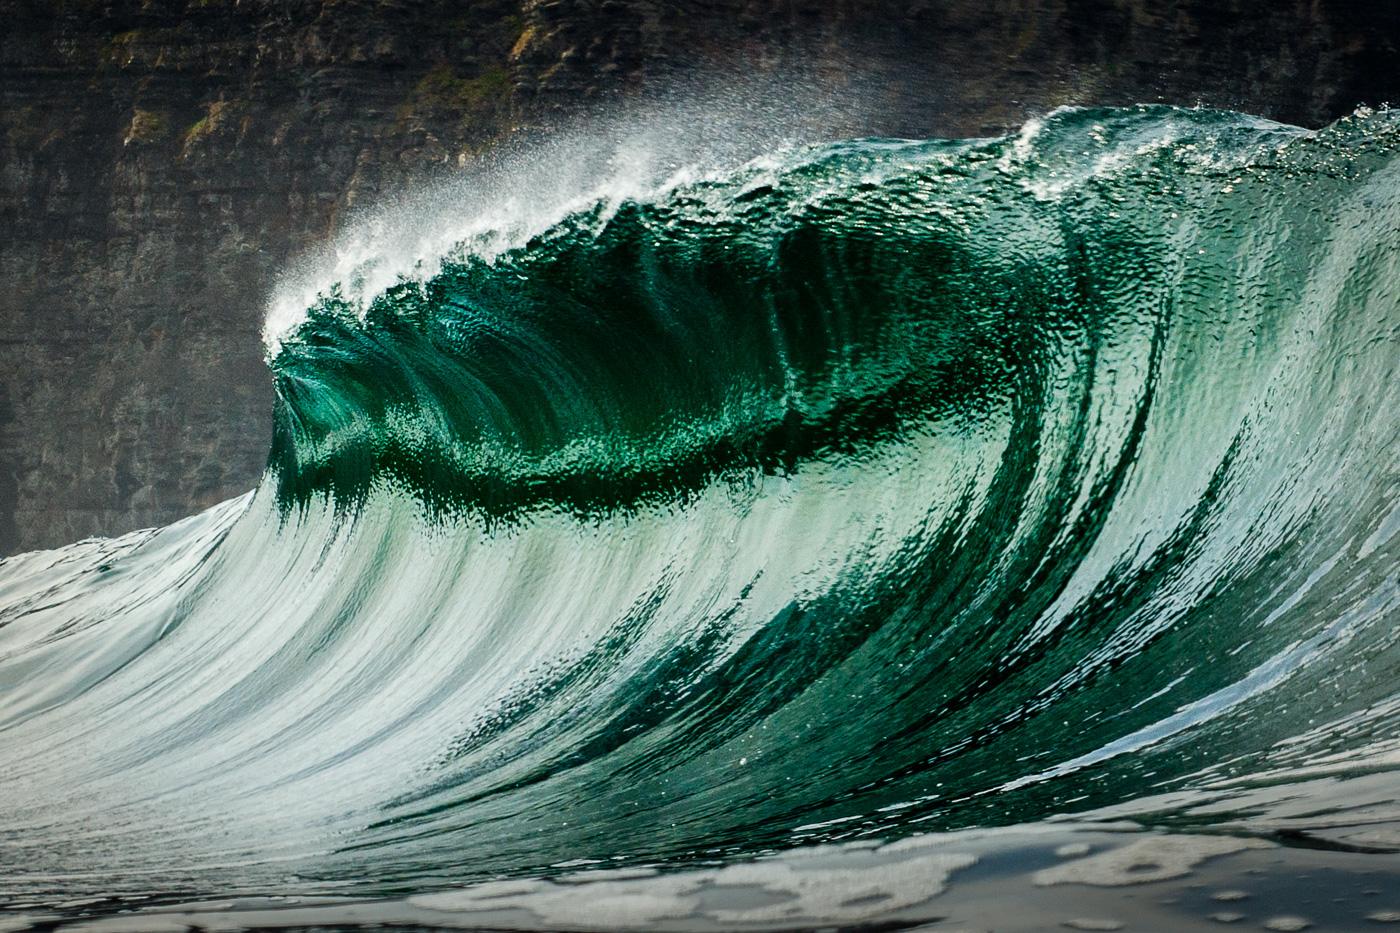 jacking_up_wave_ireland